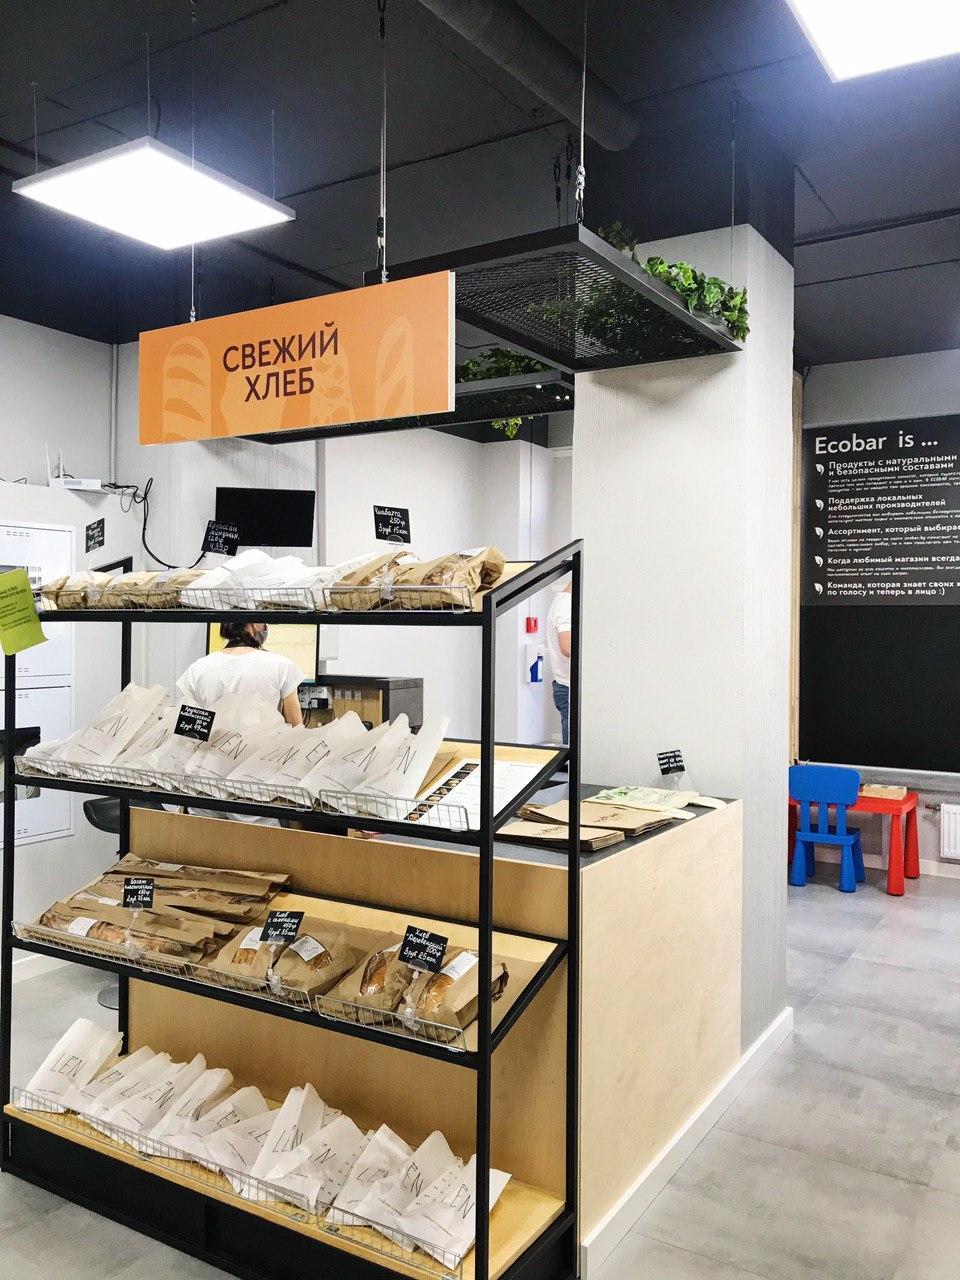 свежий хлеб в магазине экобар